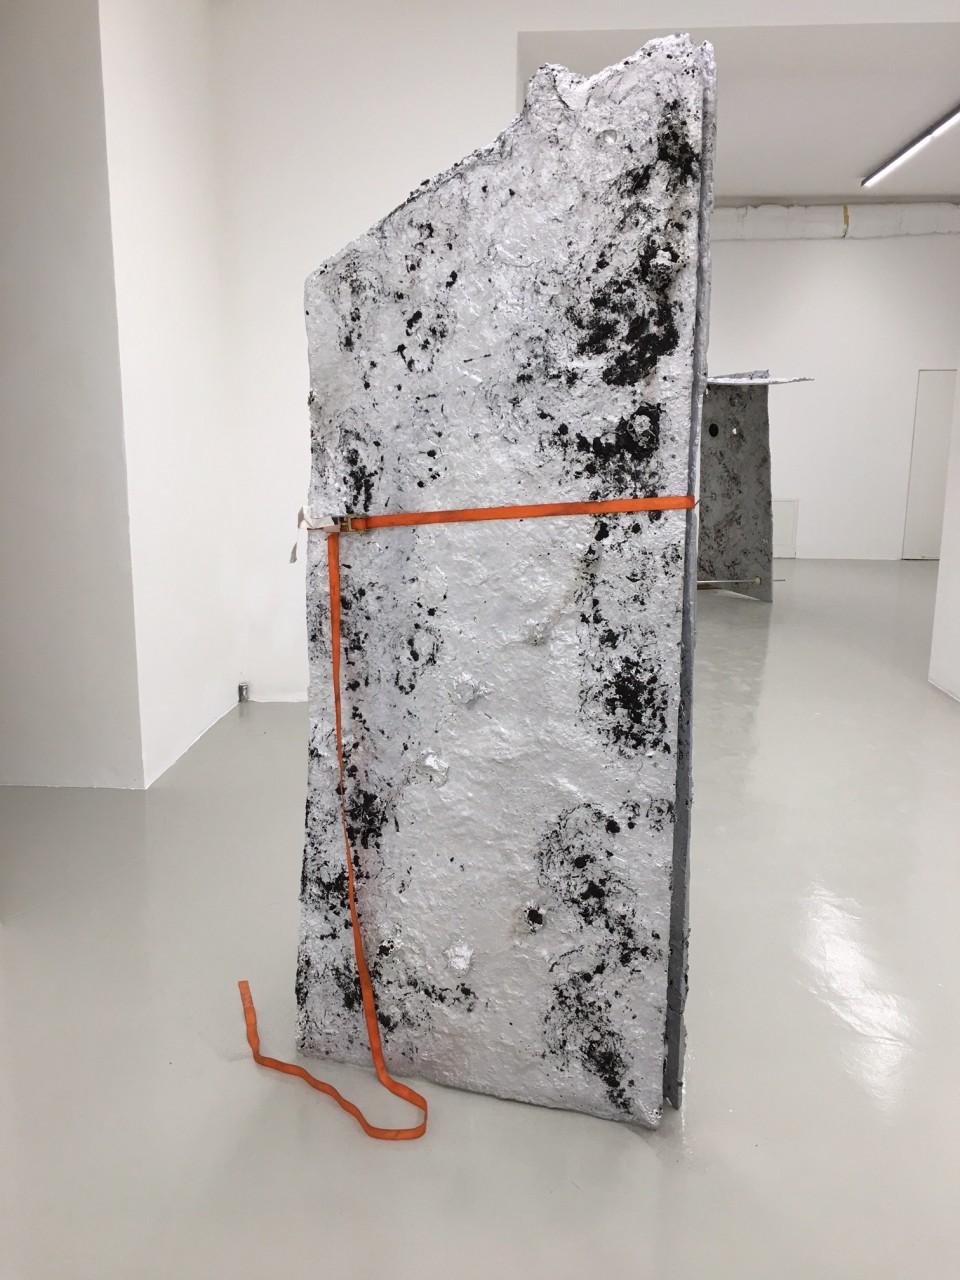 Höllentor RK, 2016  Aluminium  90 x 220 x 64 cm 35 3/8 x 86 5/8 x 25 1/4 in